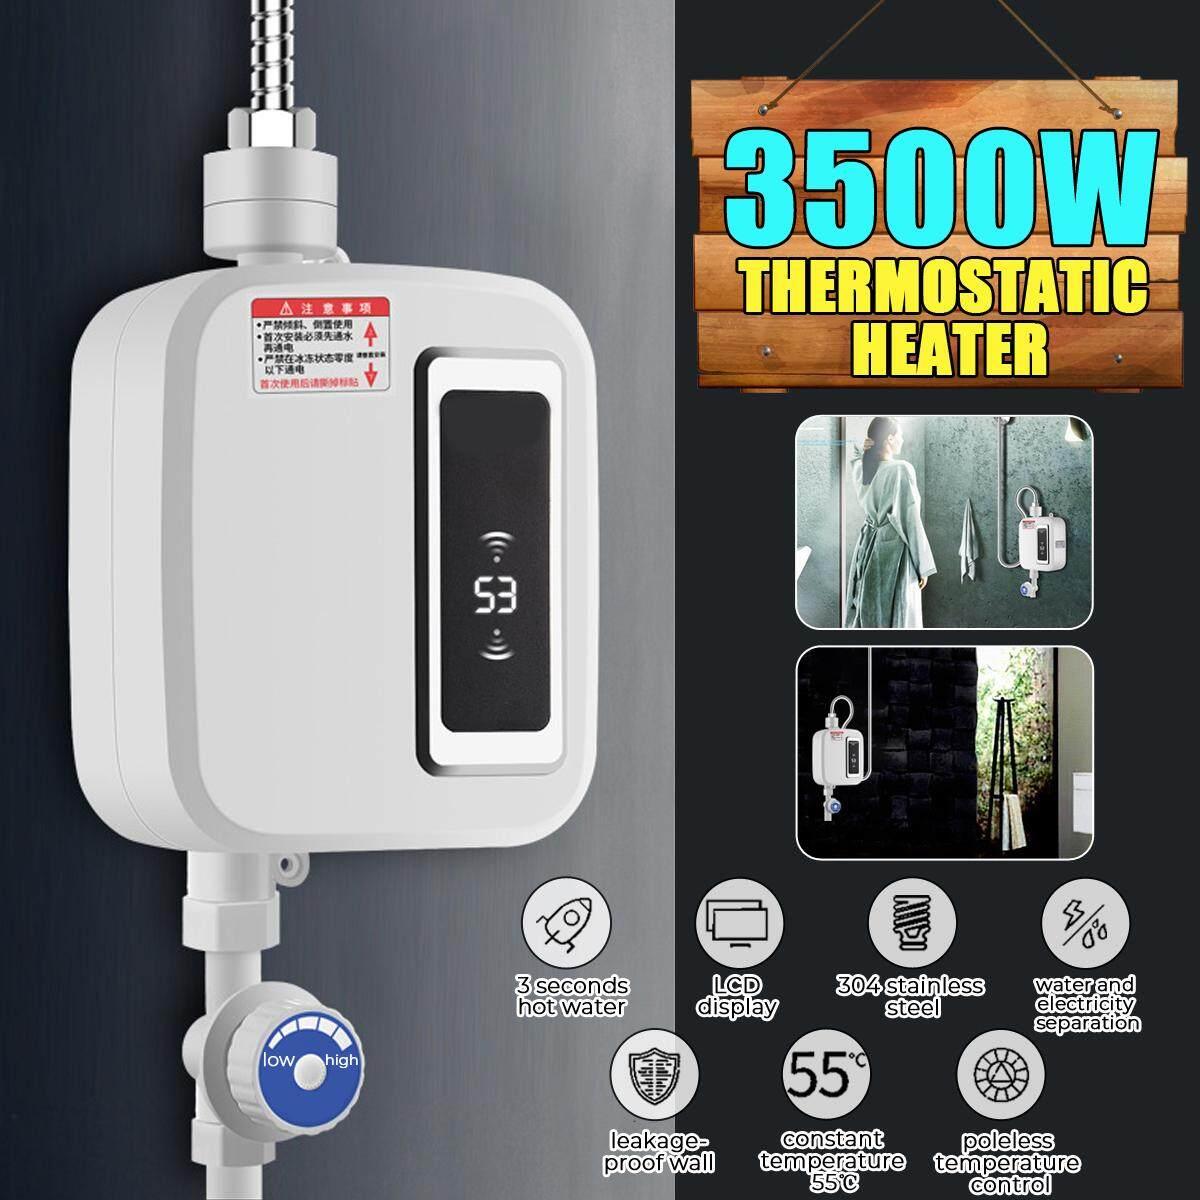 220V 3500W Nước Uống HeaterTthermostatic Chống Rò Rỉ Nhiệt Bơm Nước